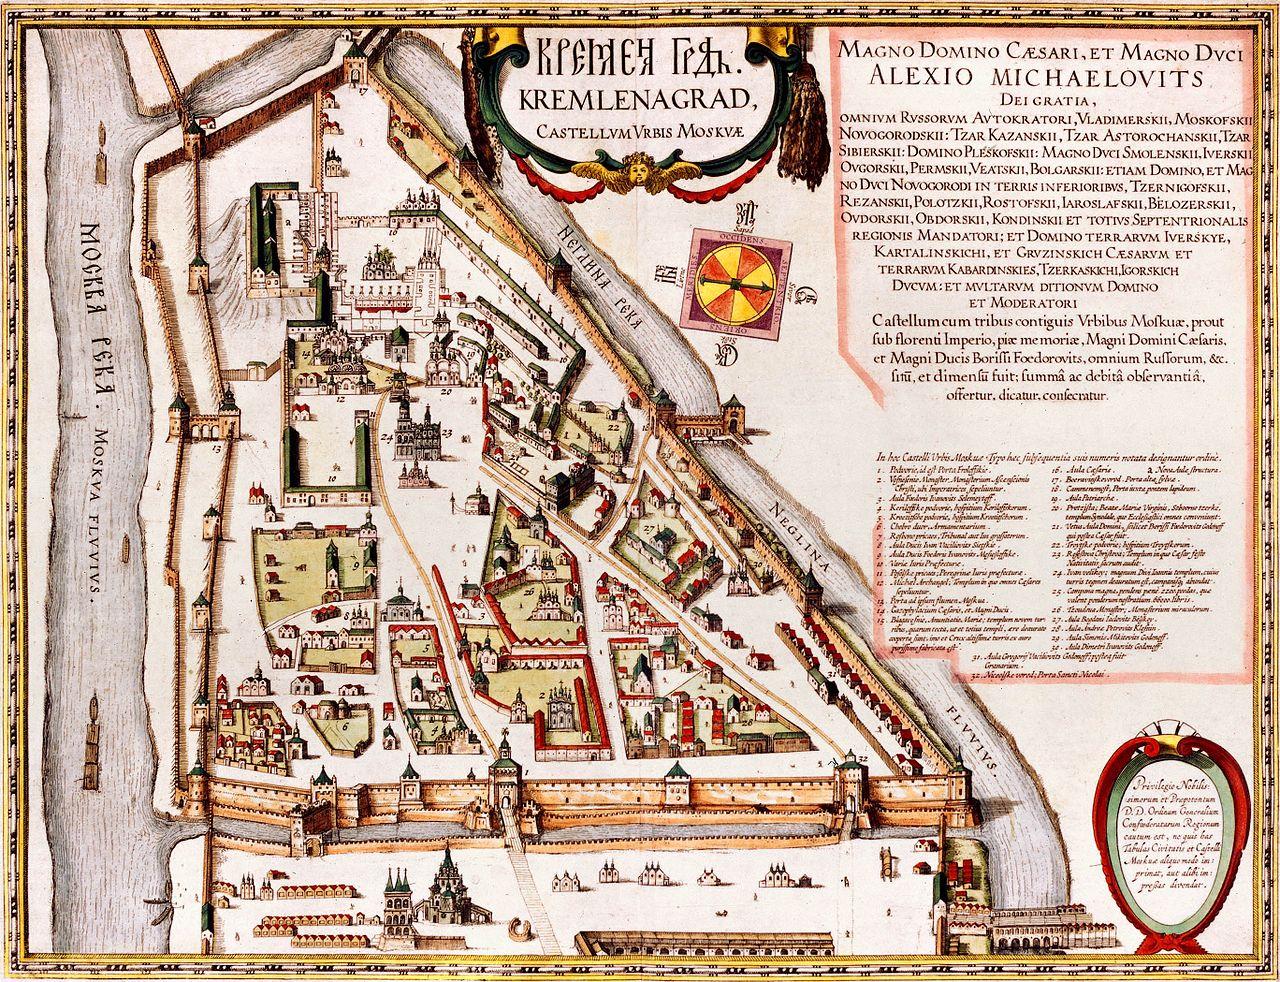 Кремленаград-первый план постройки Московского Кремля, конец XVI — начало XVII веков